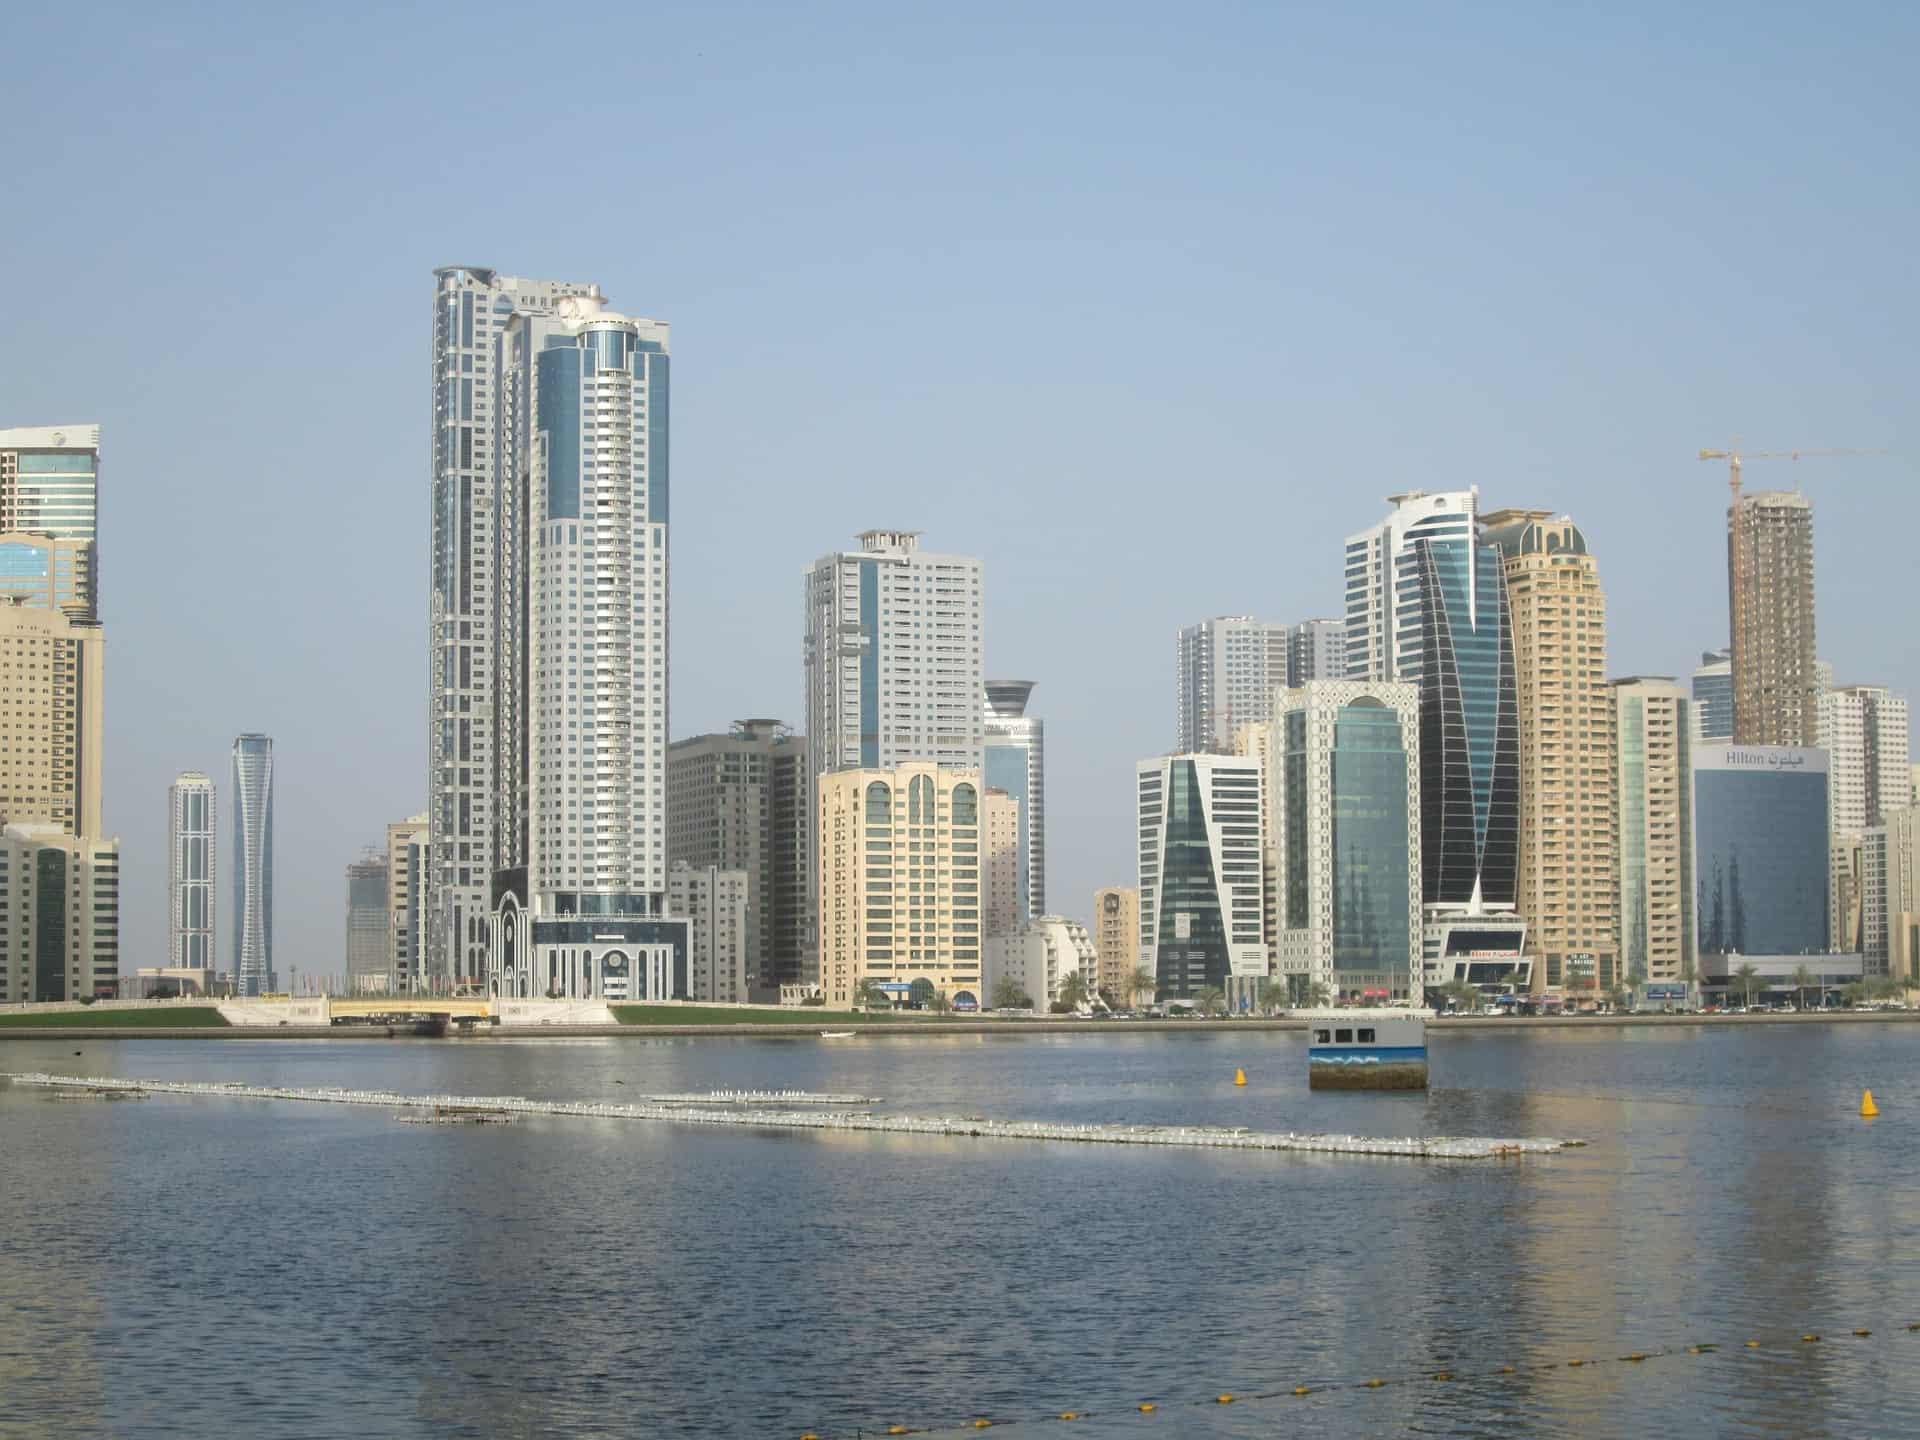 Schardscha Urlaub - 4 Sterne nur 452,00€ Pauschalreise in die Emirate